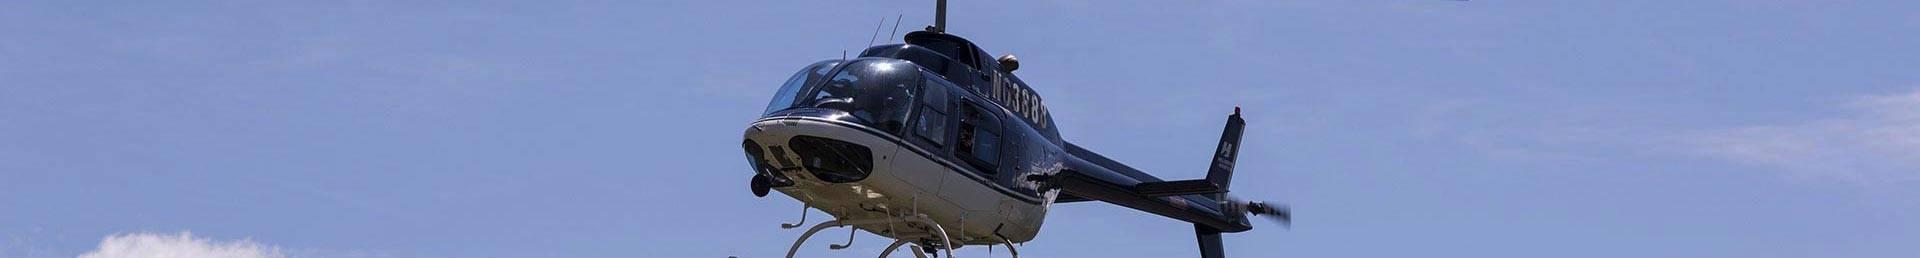 Pilotage hélicoptère